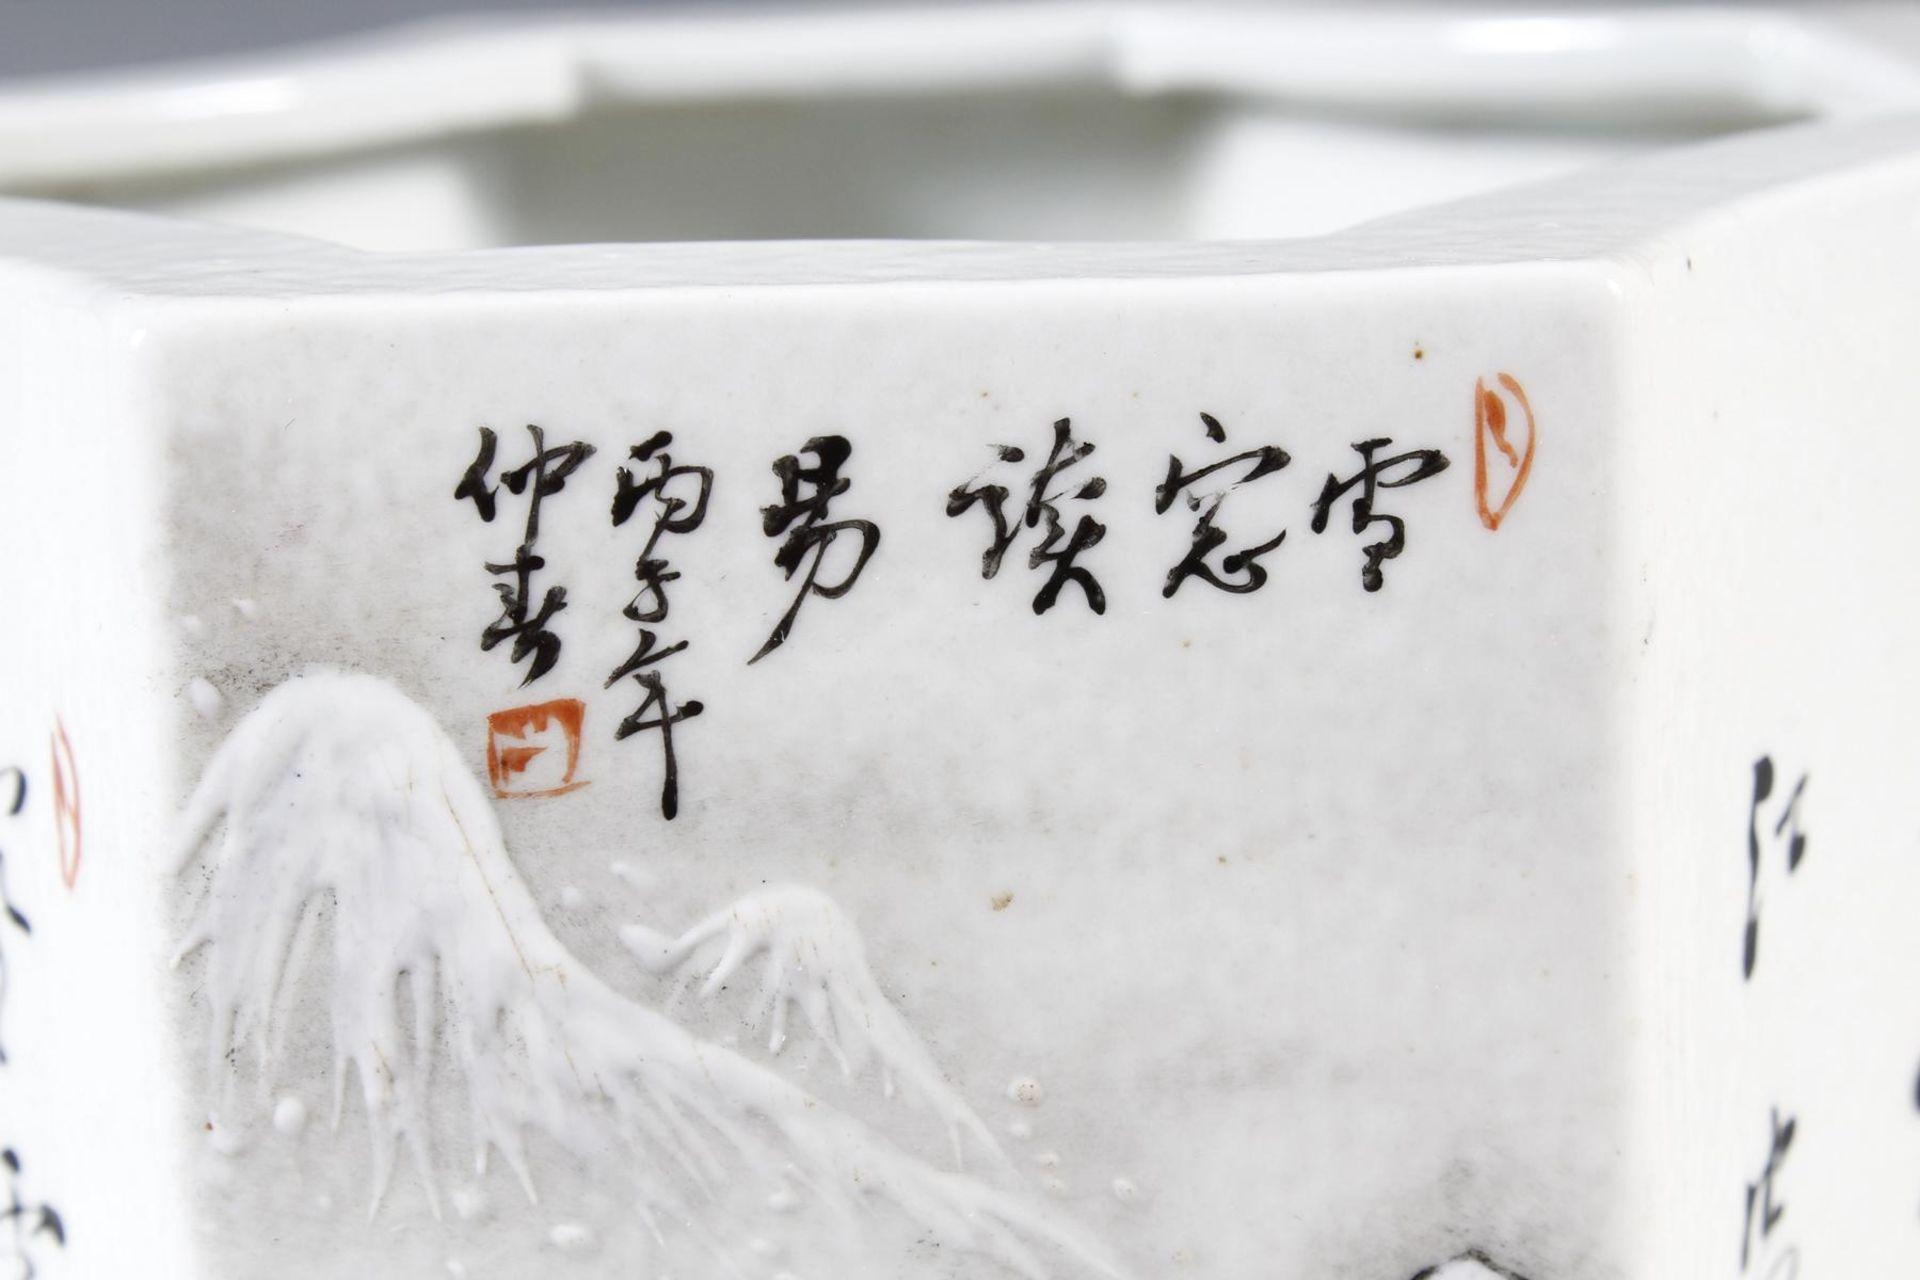 Porzellan-Pinselbehälter, China, Mitte 20. Jahrhundert - Bild 11 aus 15